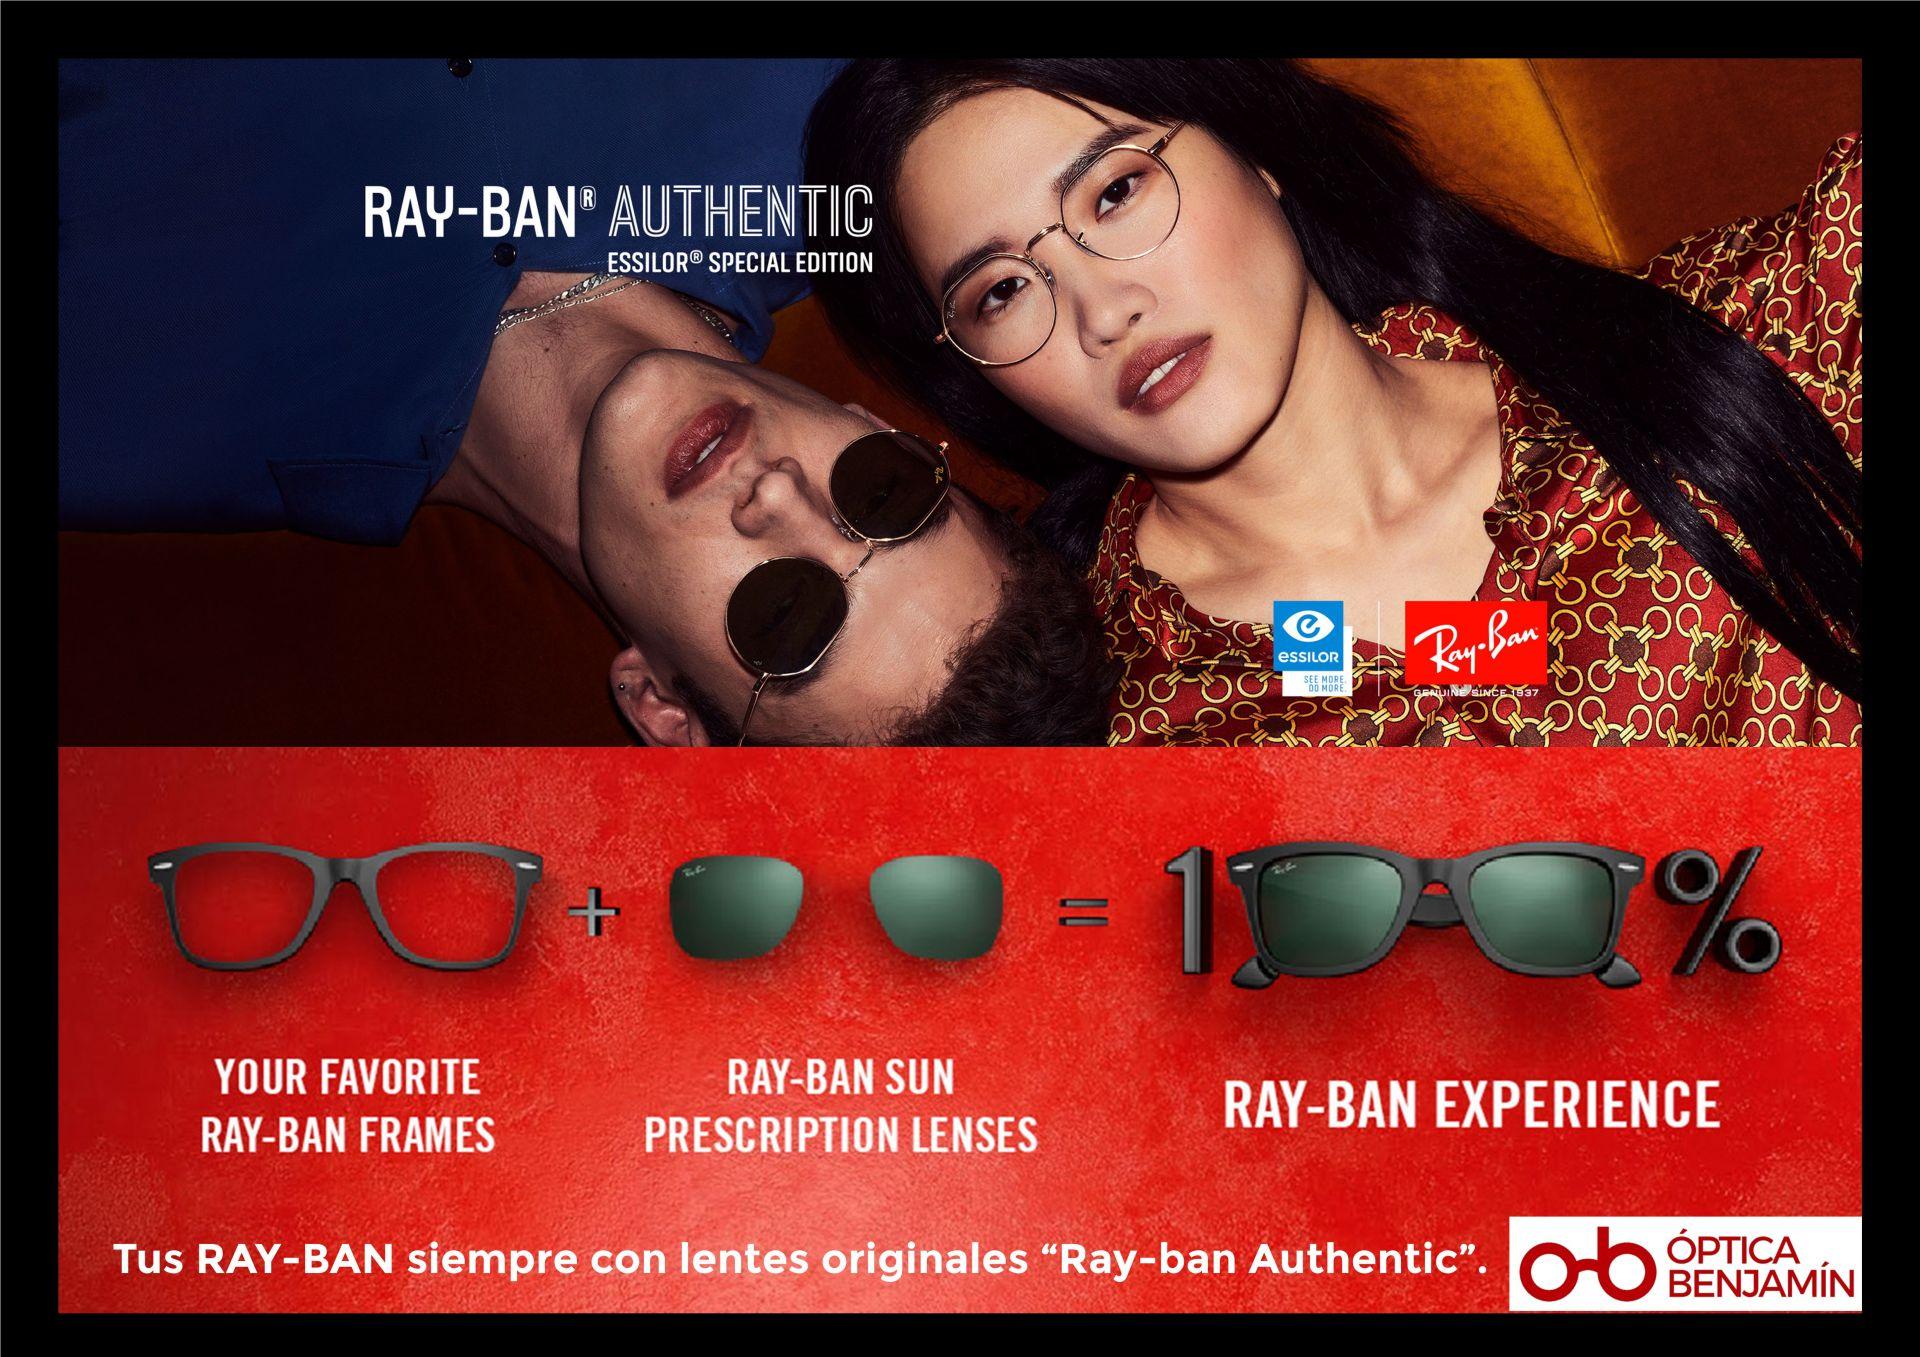 Tus Rayban, siempre con lentes originales AUTHENTIC